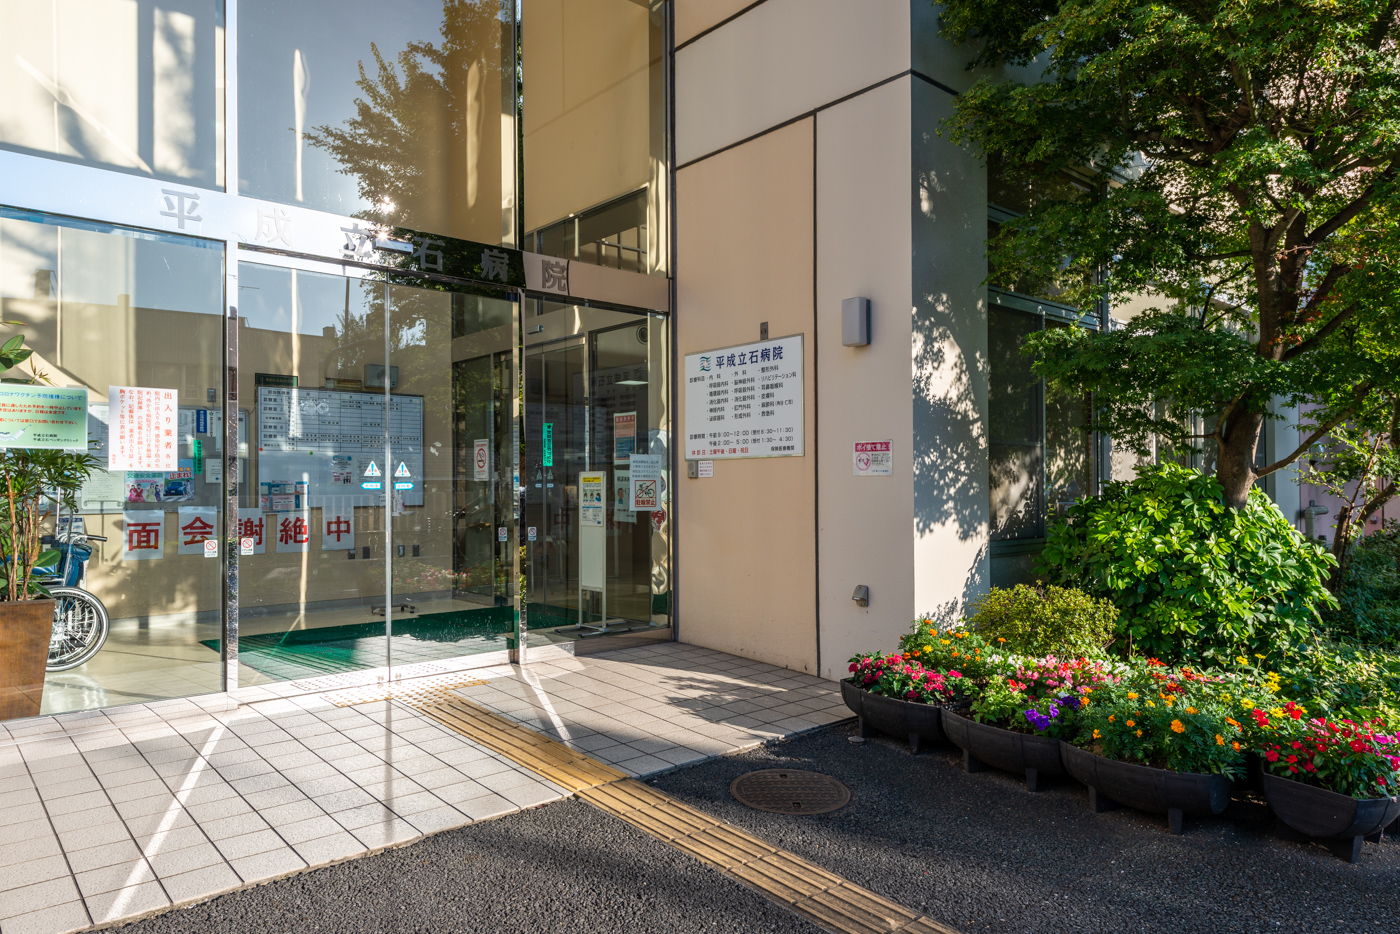 平成立石病院入口(300メートル)